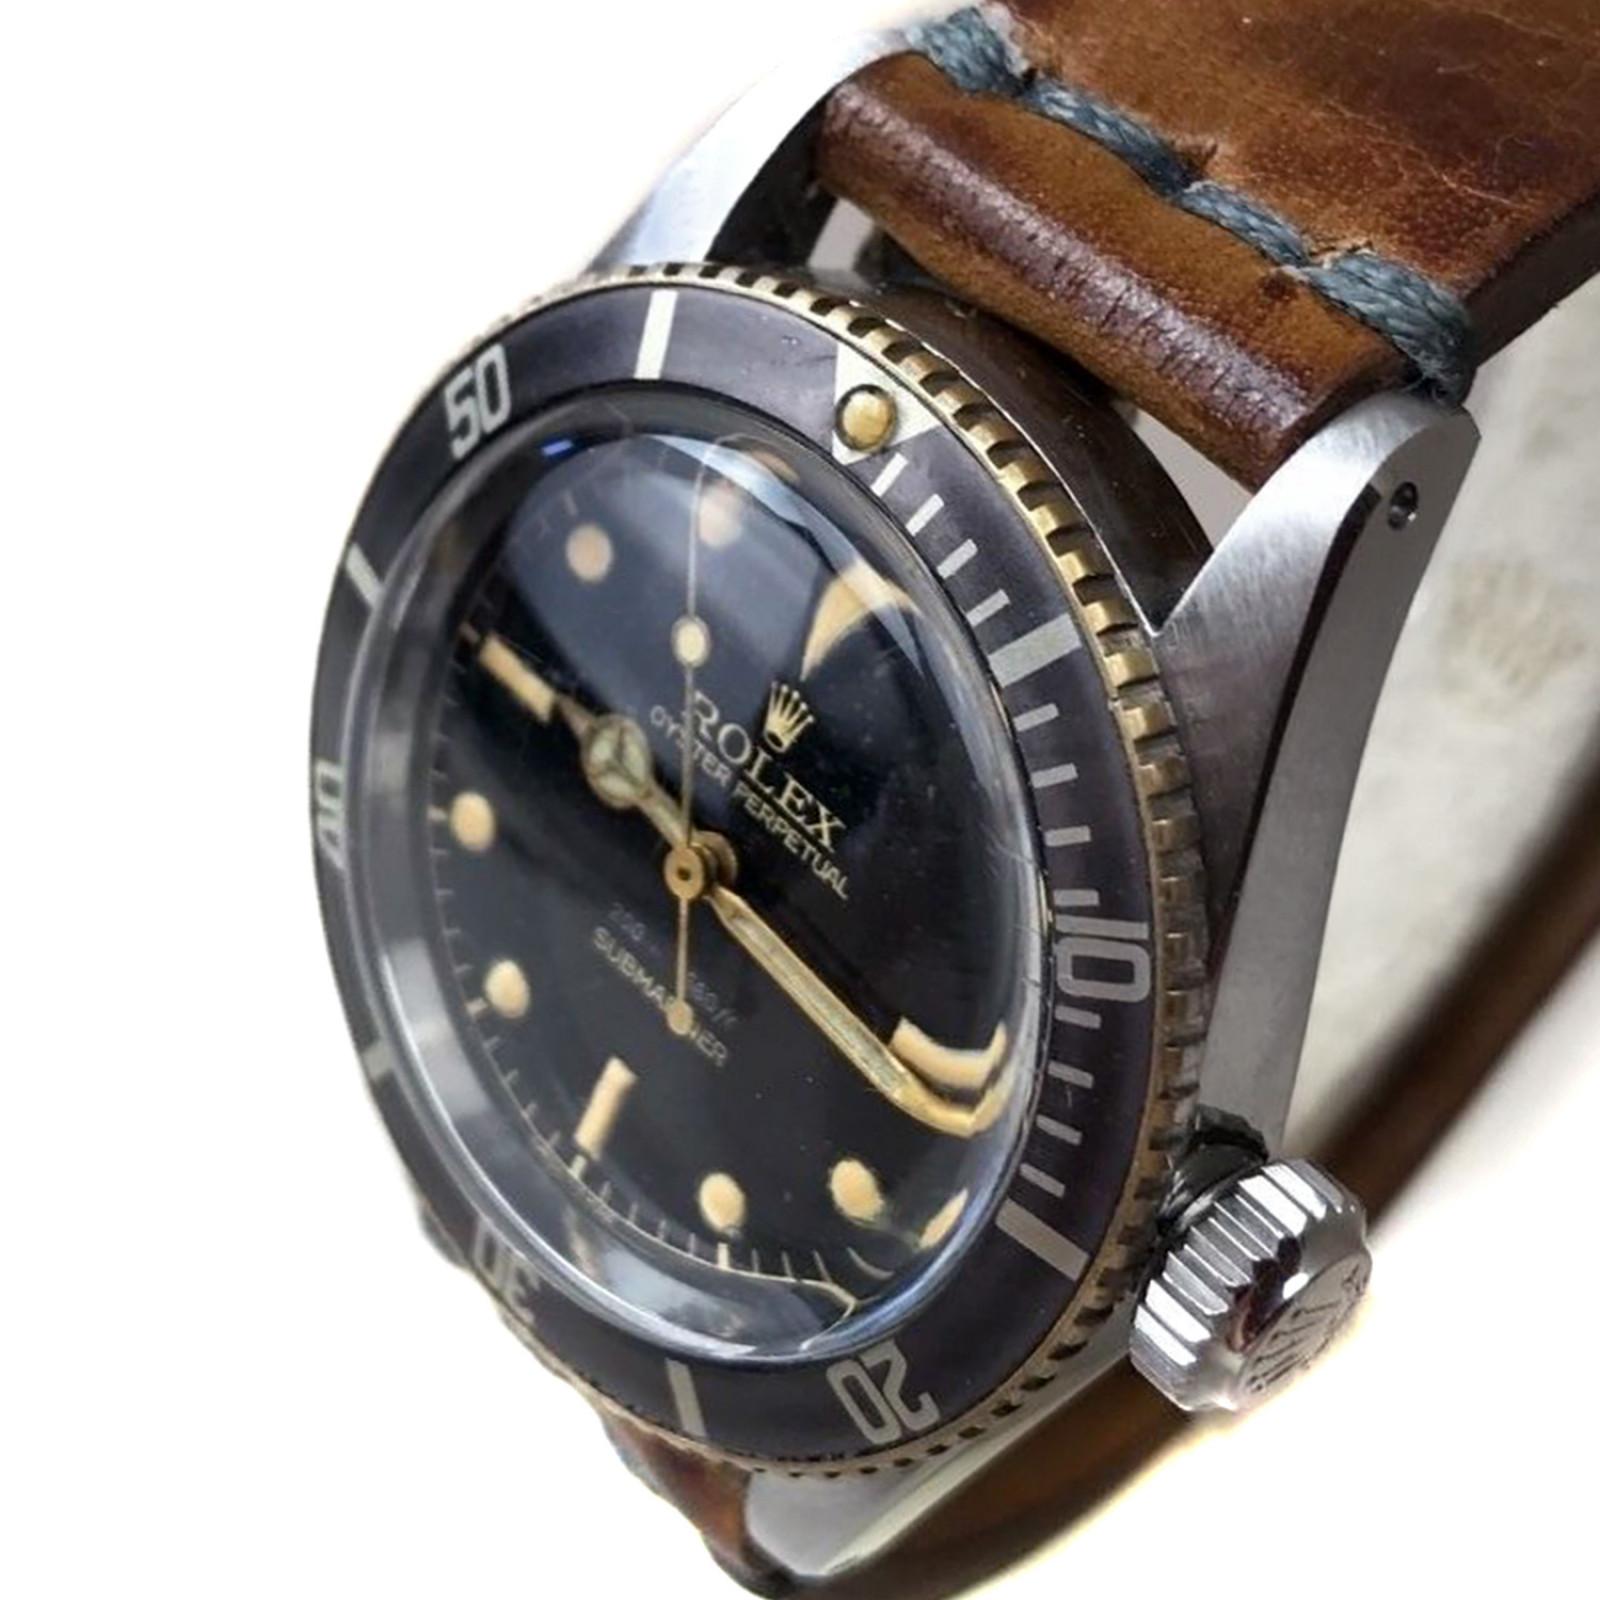 Vintage Rolex 6538 38 mm Steel on Strap, Black Bezel